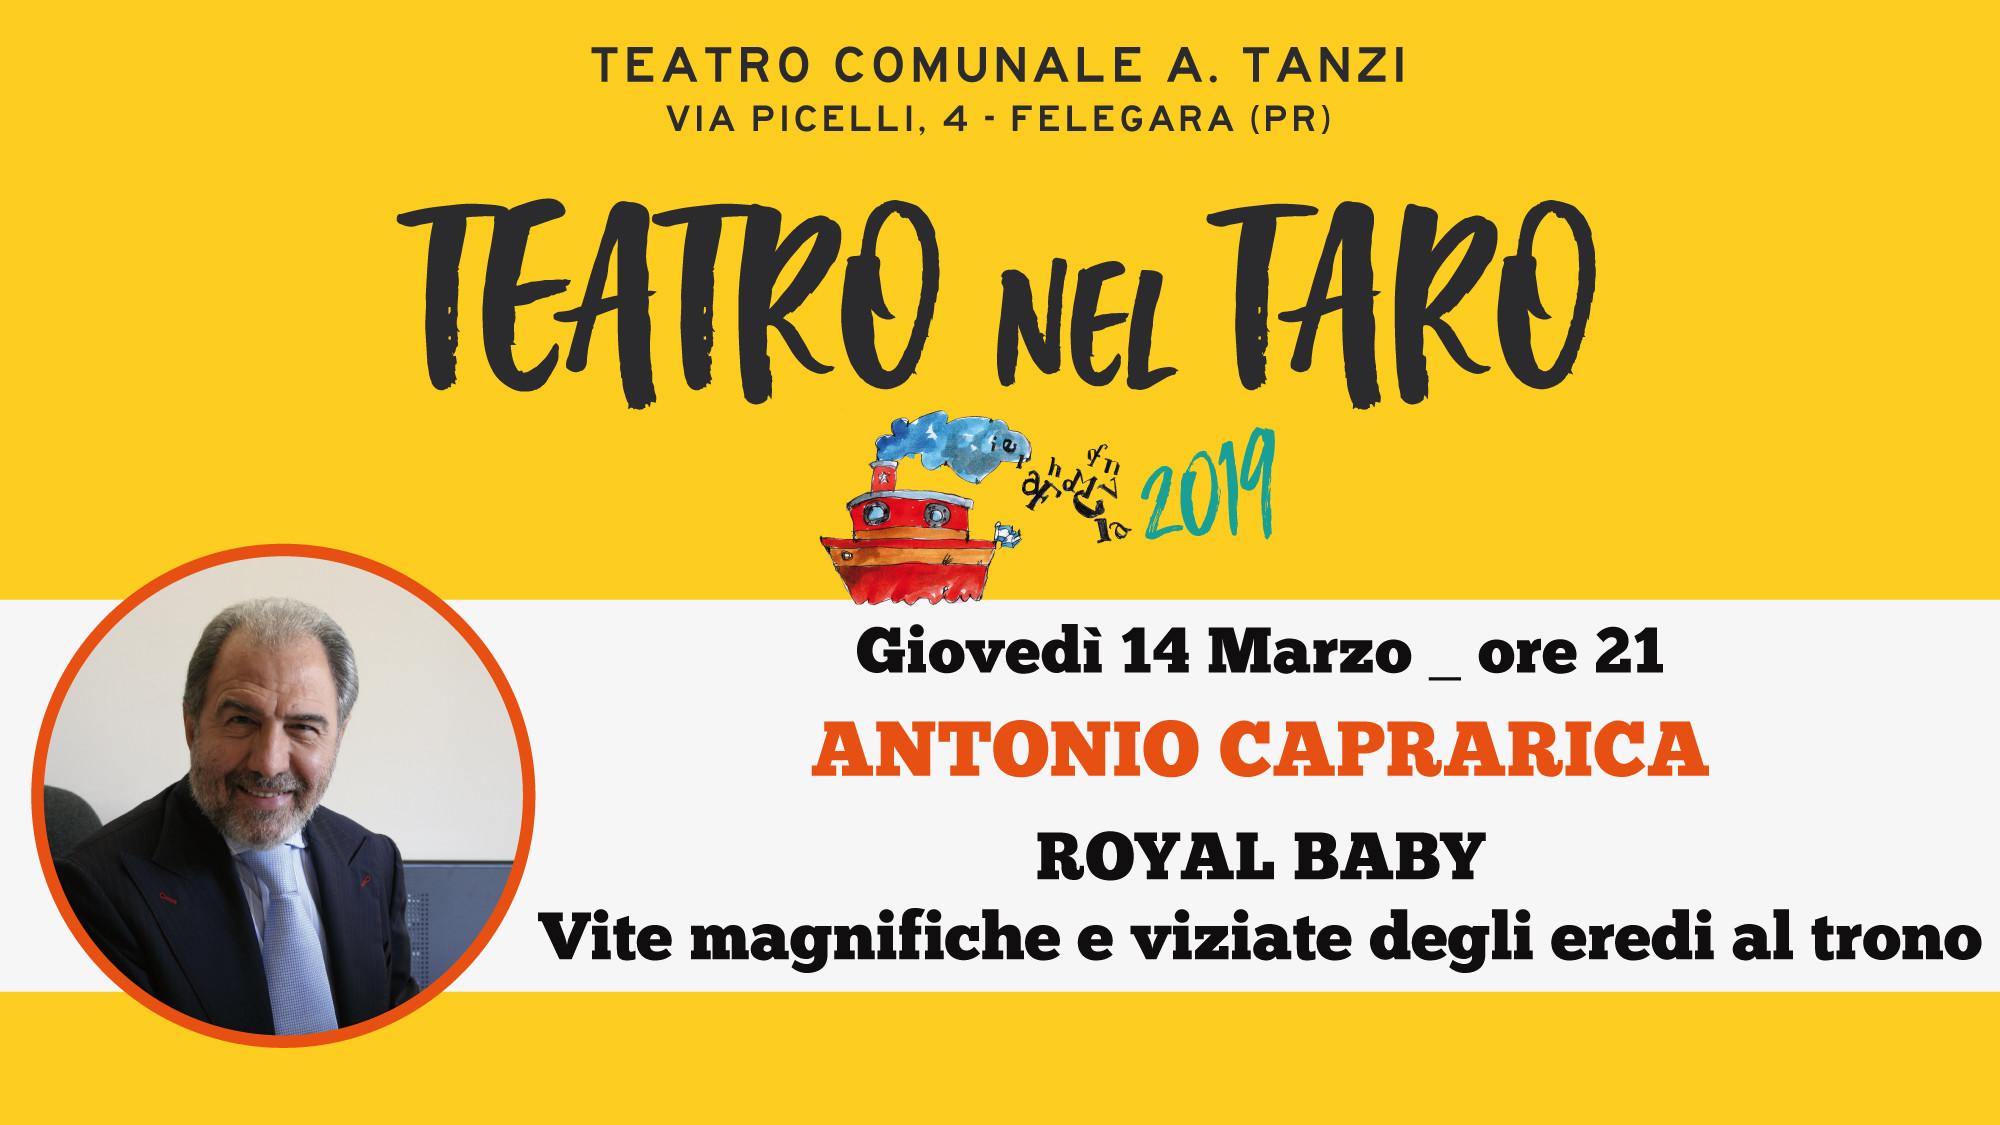 TEATRO NEL TARO: Royal Baby. Vite magnifiche e viziate degli eredi al trono. Incontro con Antonio Caprarica